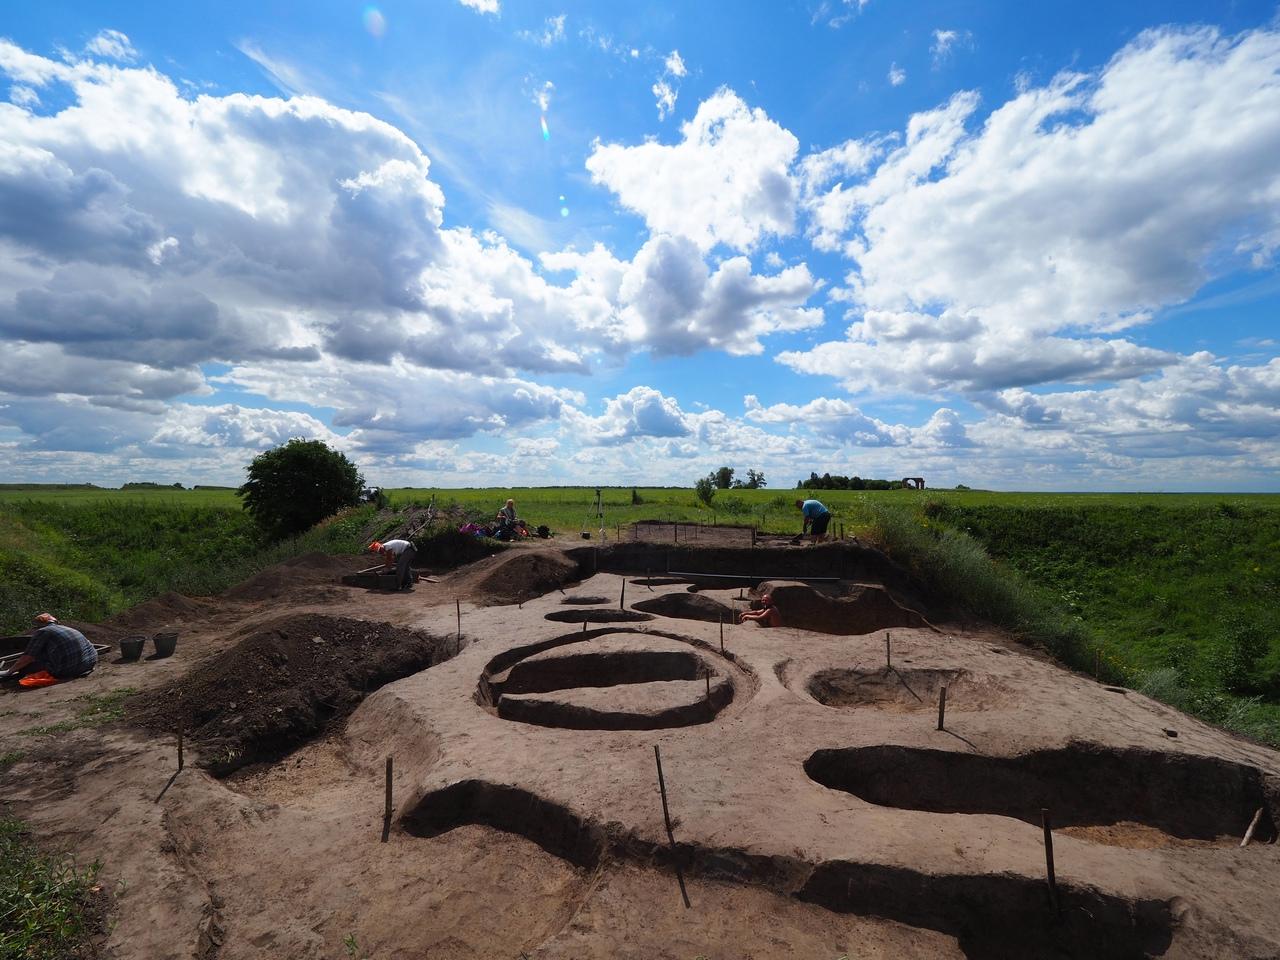 В Старой Рязани найдены усадьбы ювелиров XIII века